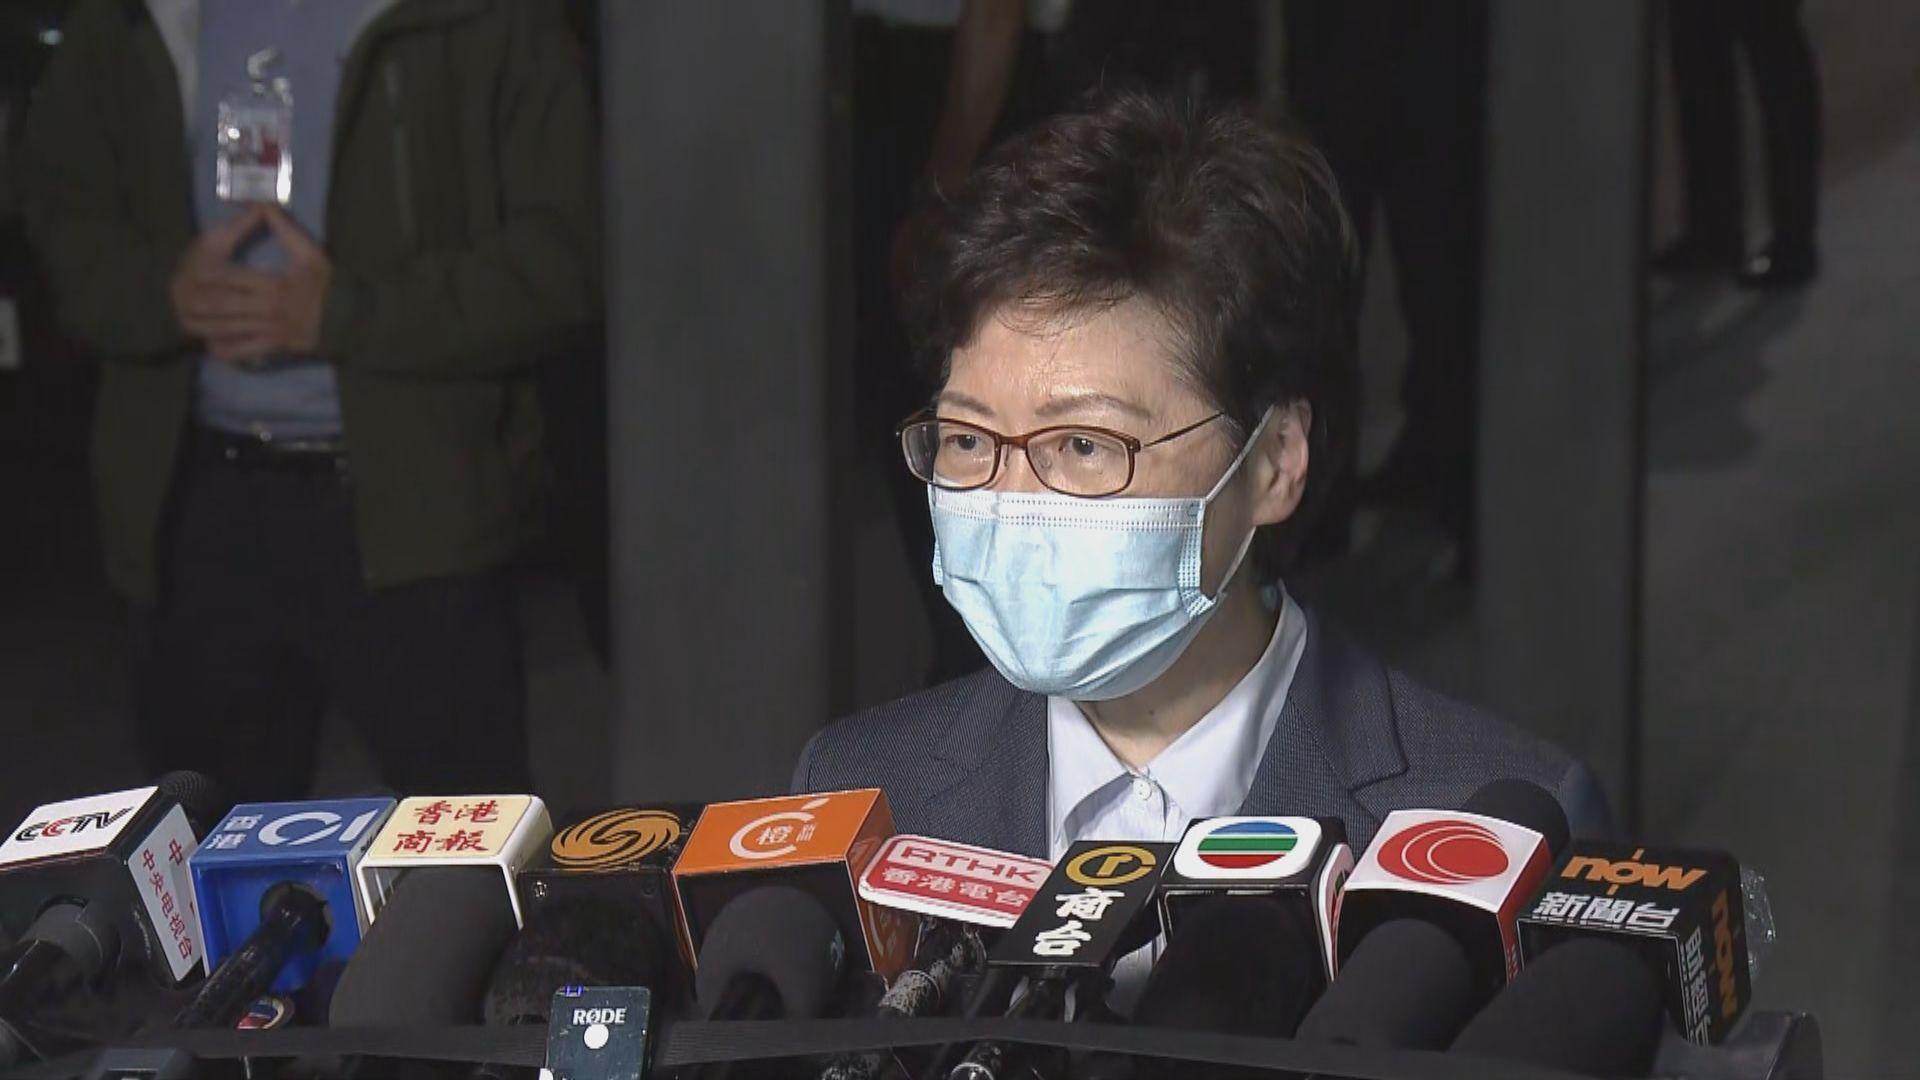 林鄭月娥強烈譴責警員被襲受傷 指警方會徹查疑兇動機